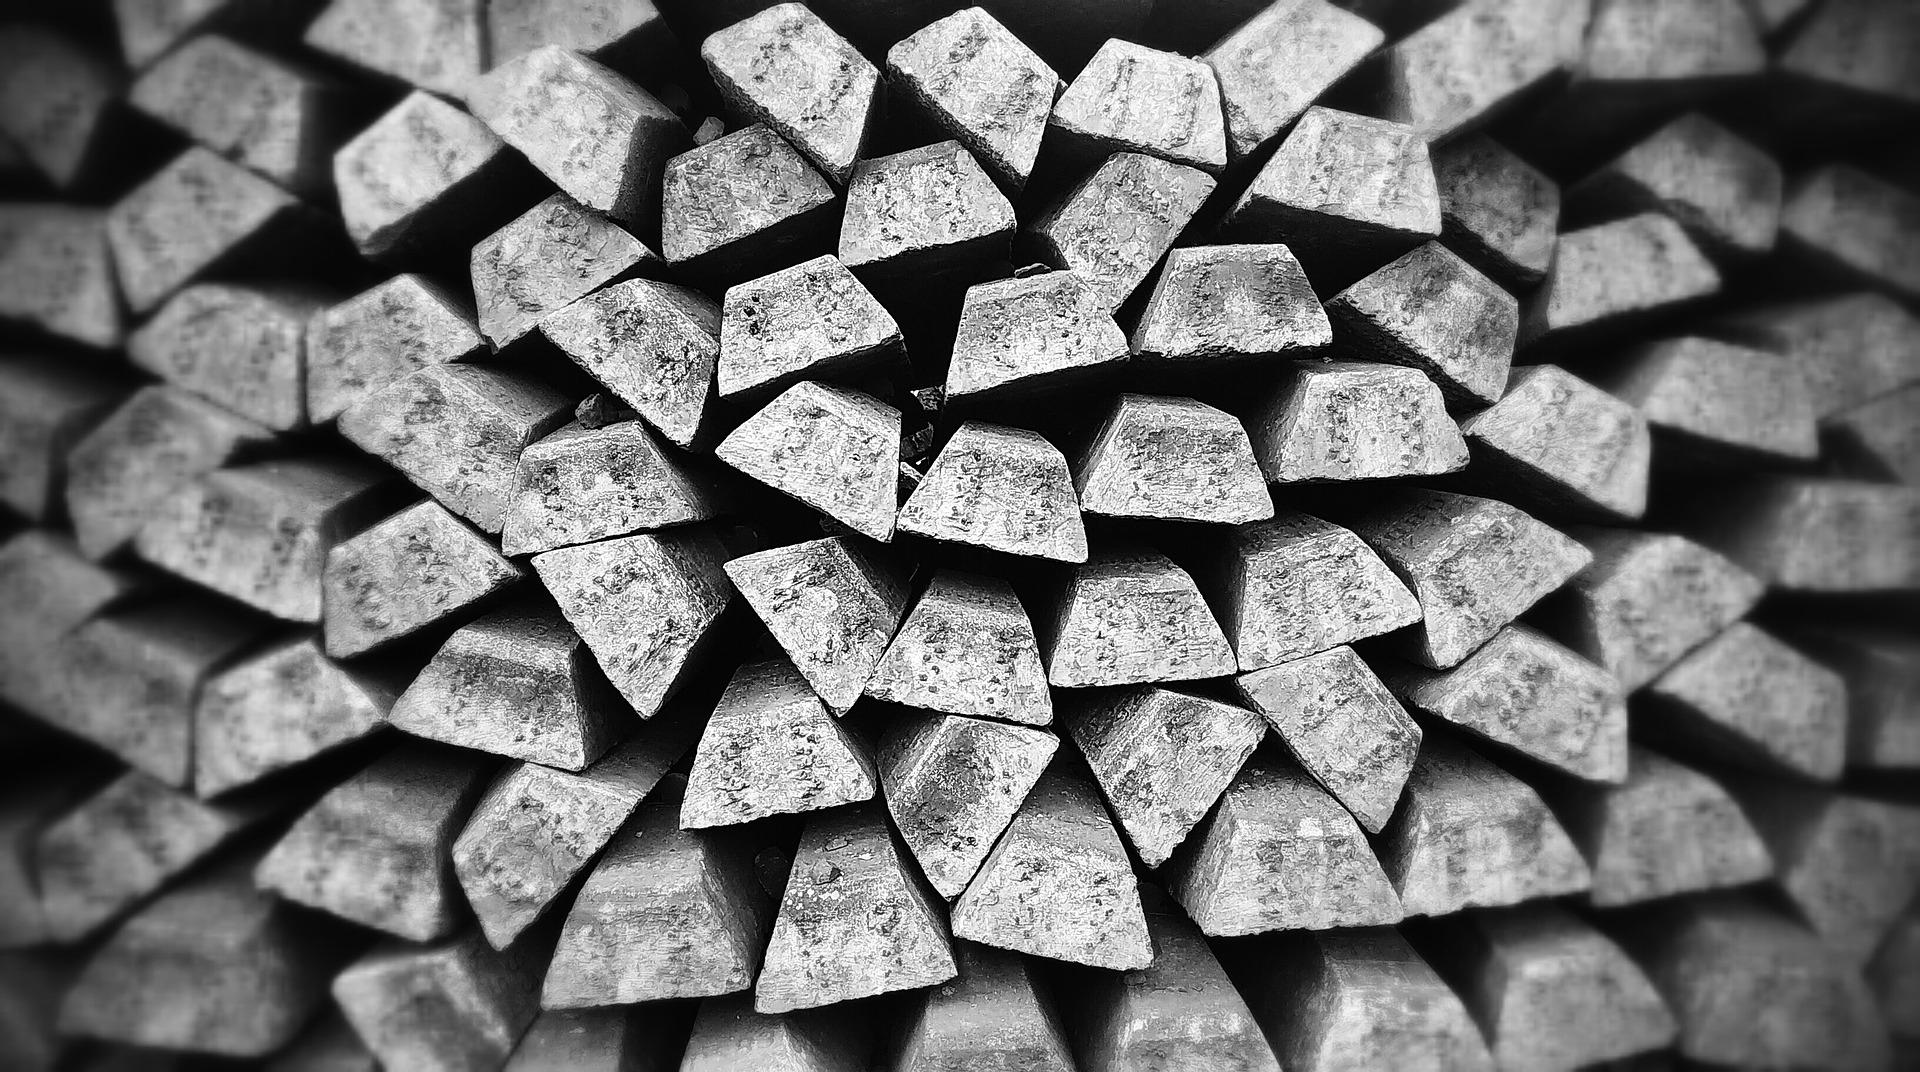 Életünk szerves része a nanoezüst – de a spermiumokat sajnos tönkre teszi